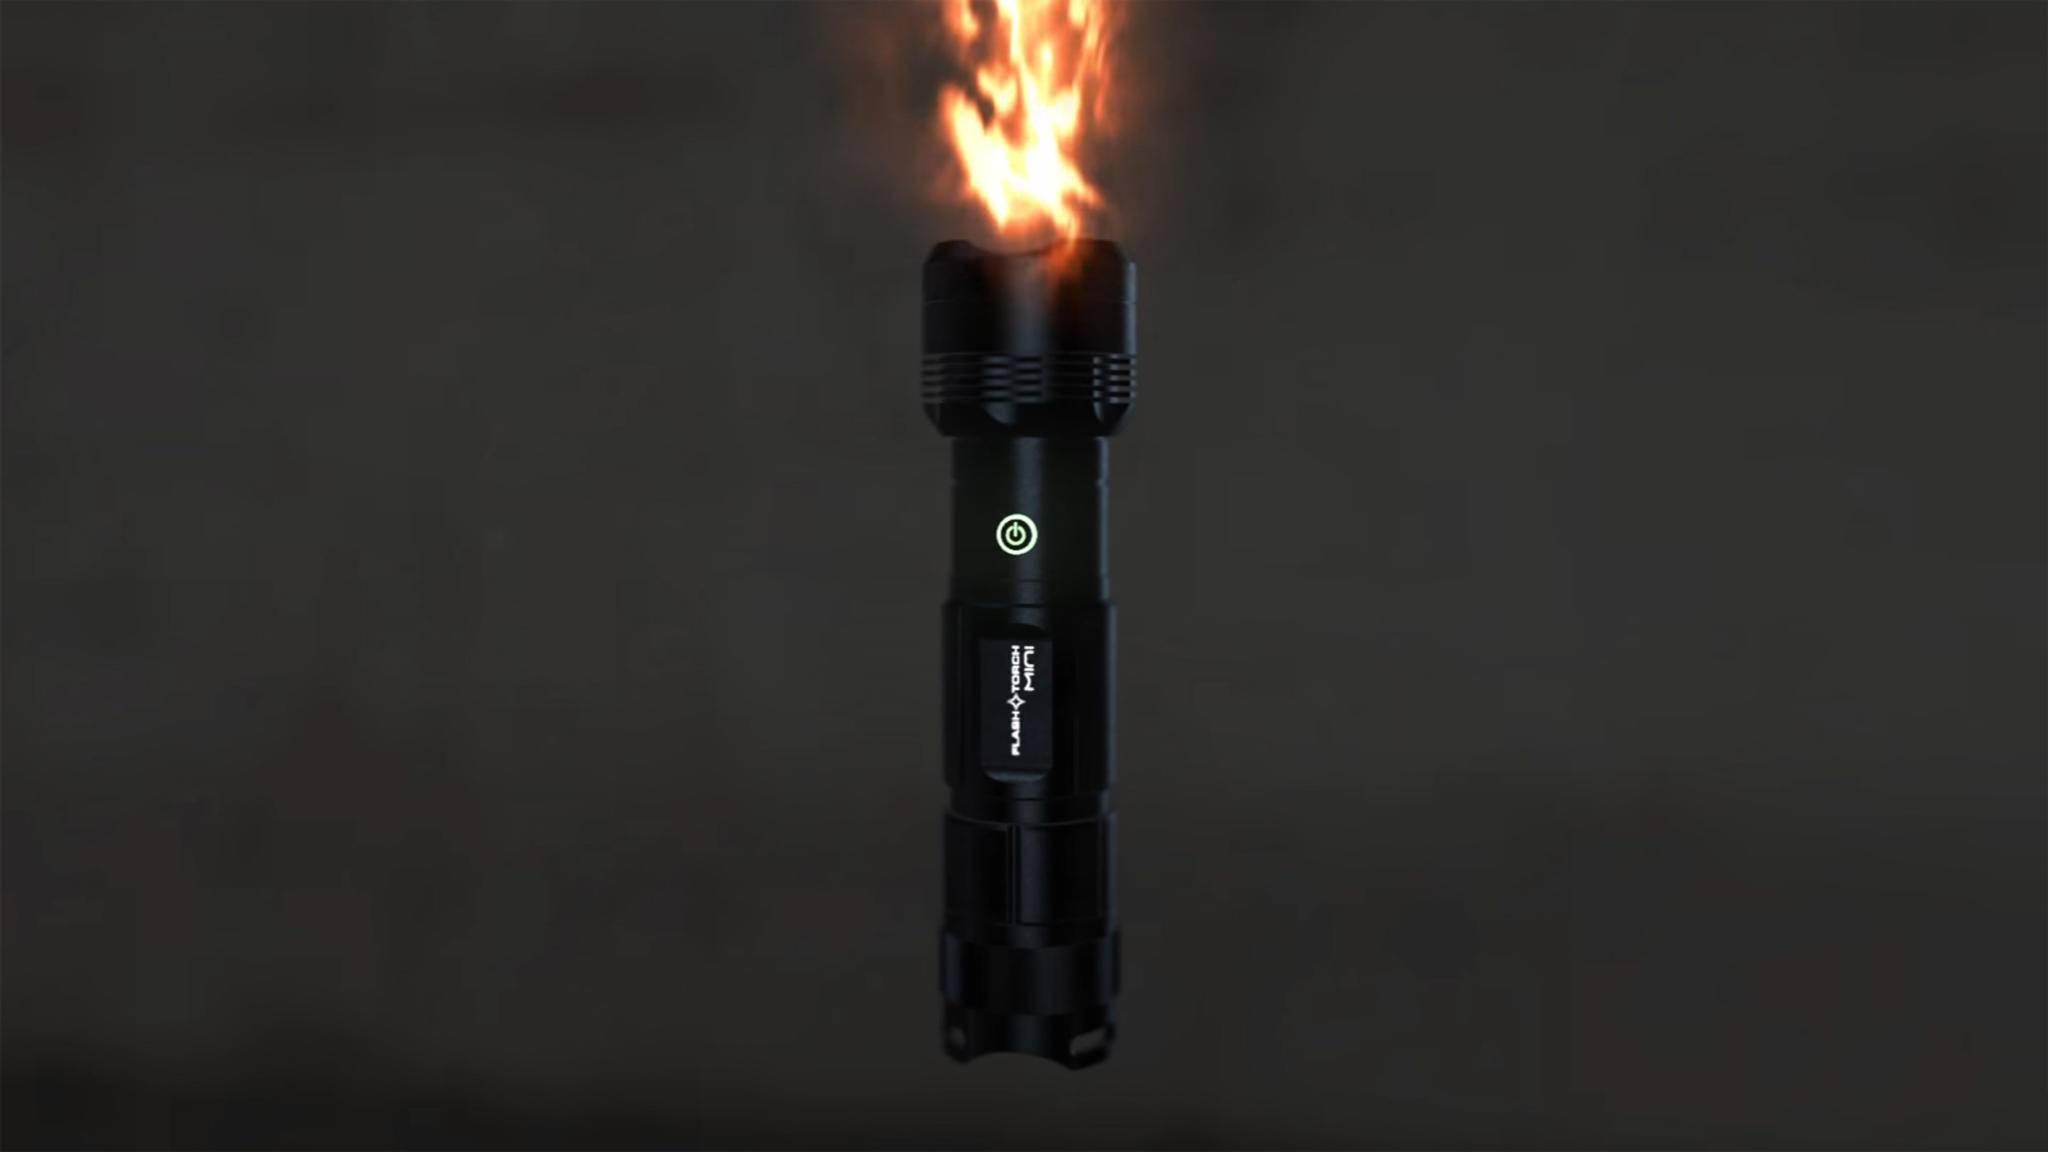 Heißes Eisen: Die FlashTorch sieht aus wie ein Lichtschwert und wird ungefähr genauso heiß.